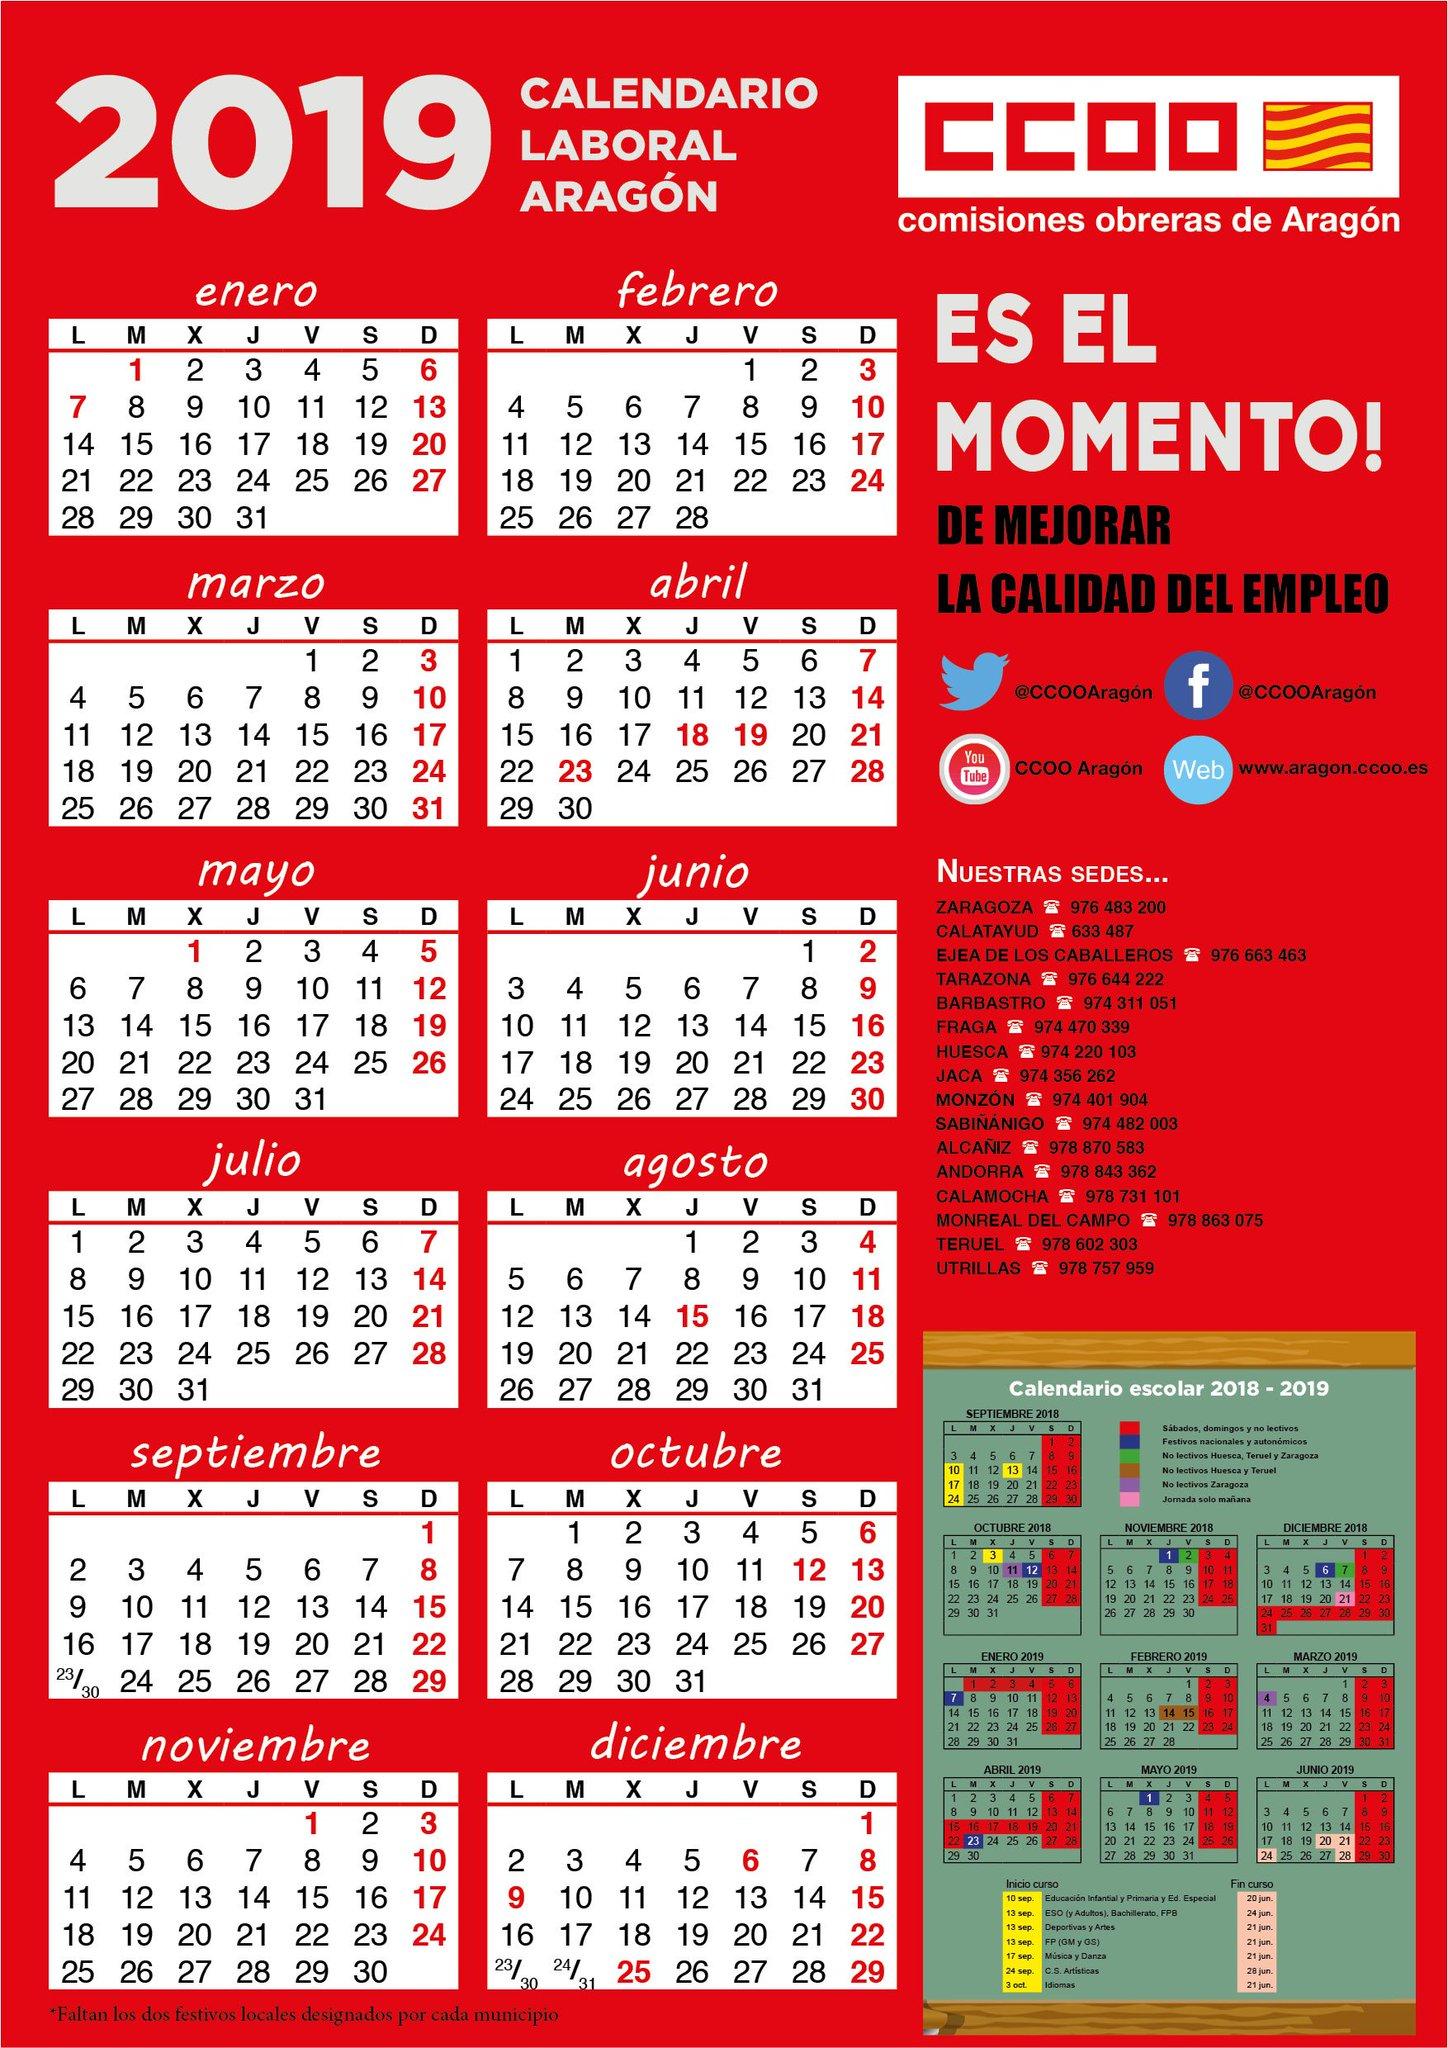 Calendario Escolar 2019 Aragon.Comisiones Obreras Aragon Eselmomento On Twitter Calendario